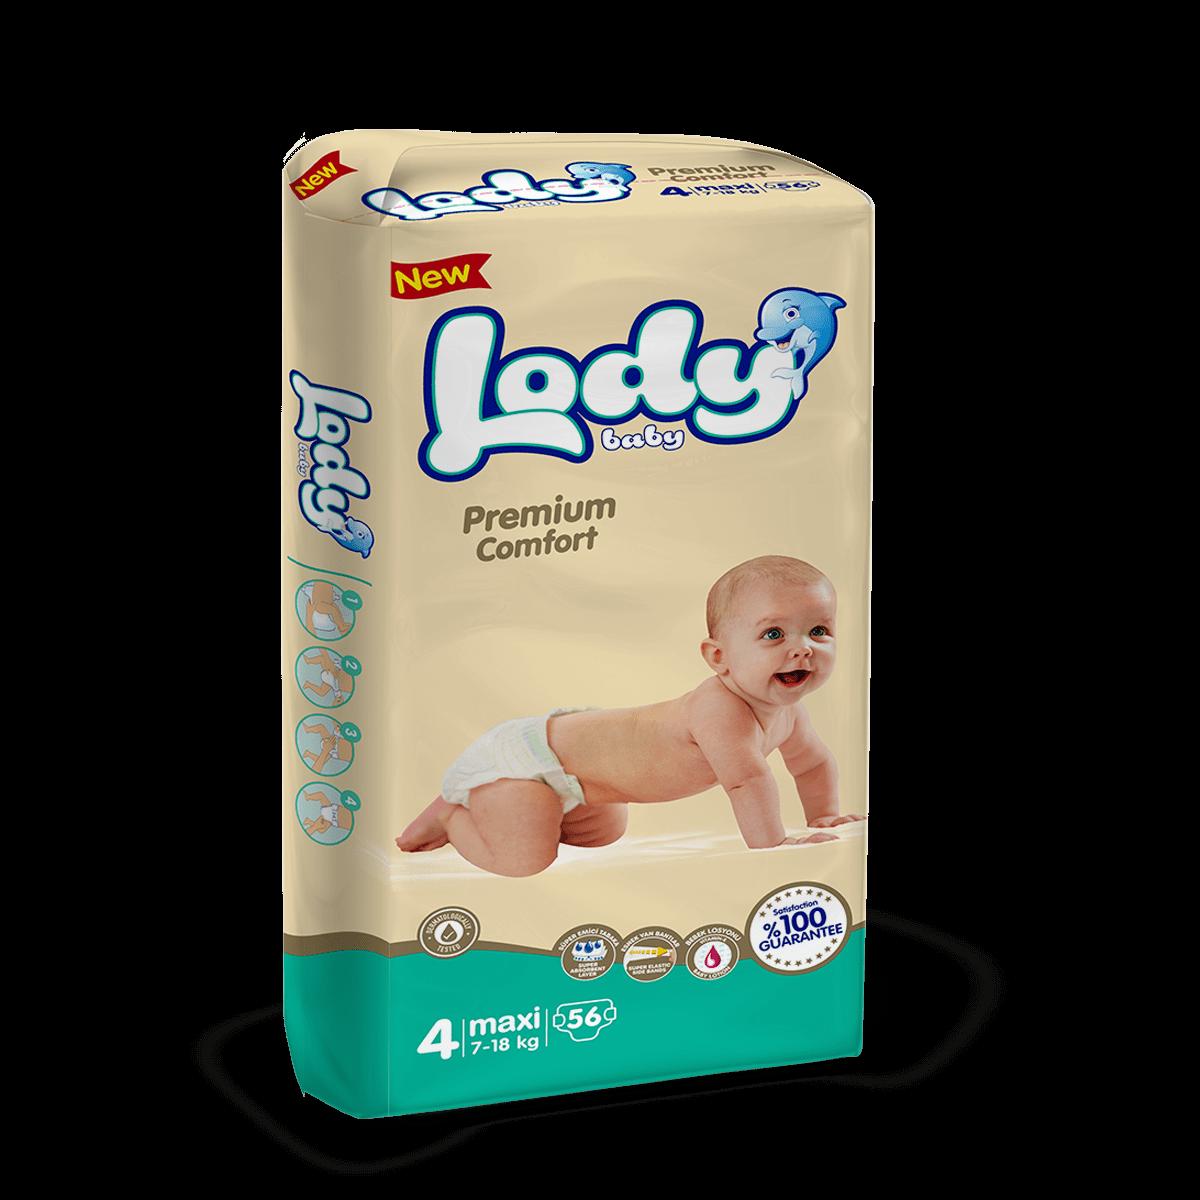 LODY BABY MAXI ( 7-18 Kg )Jumbo Paket